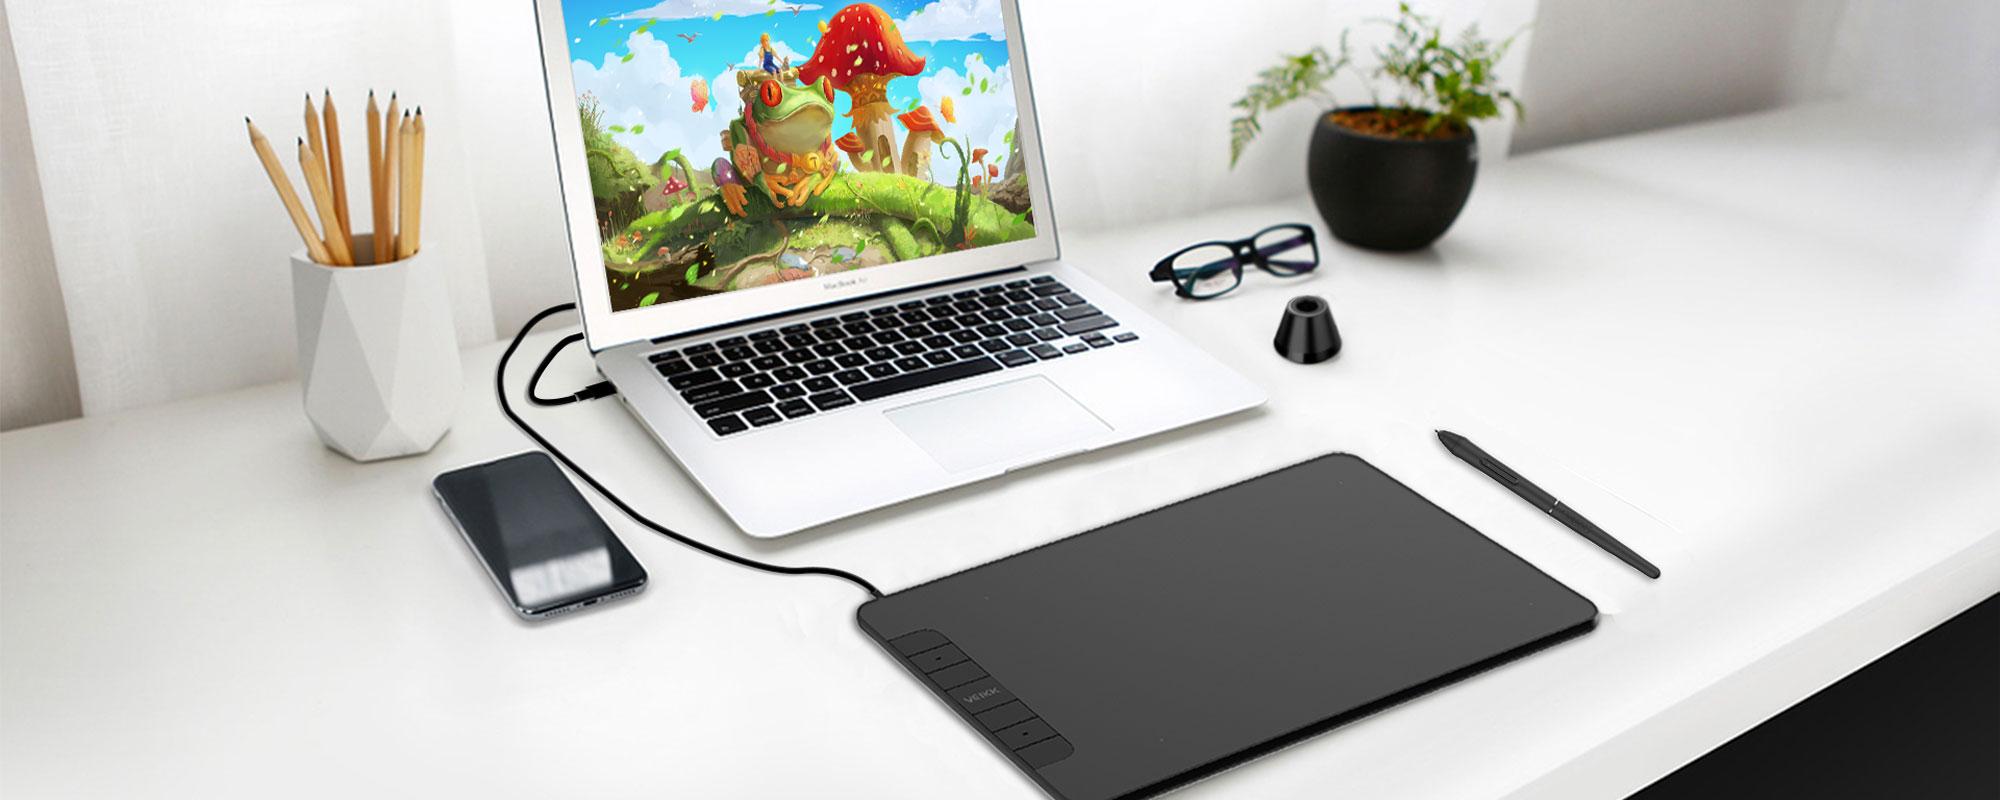 Zdjęcie - tablet graficzny Veikk VK640 wraz z akcesoriami podłączony do laptopa, całość znajduje się na białym blacie biurka